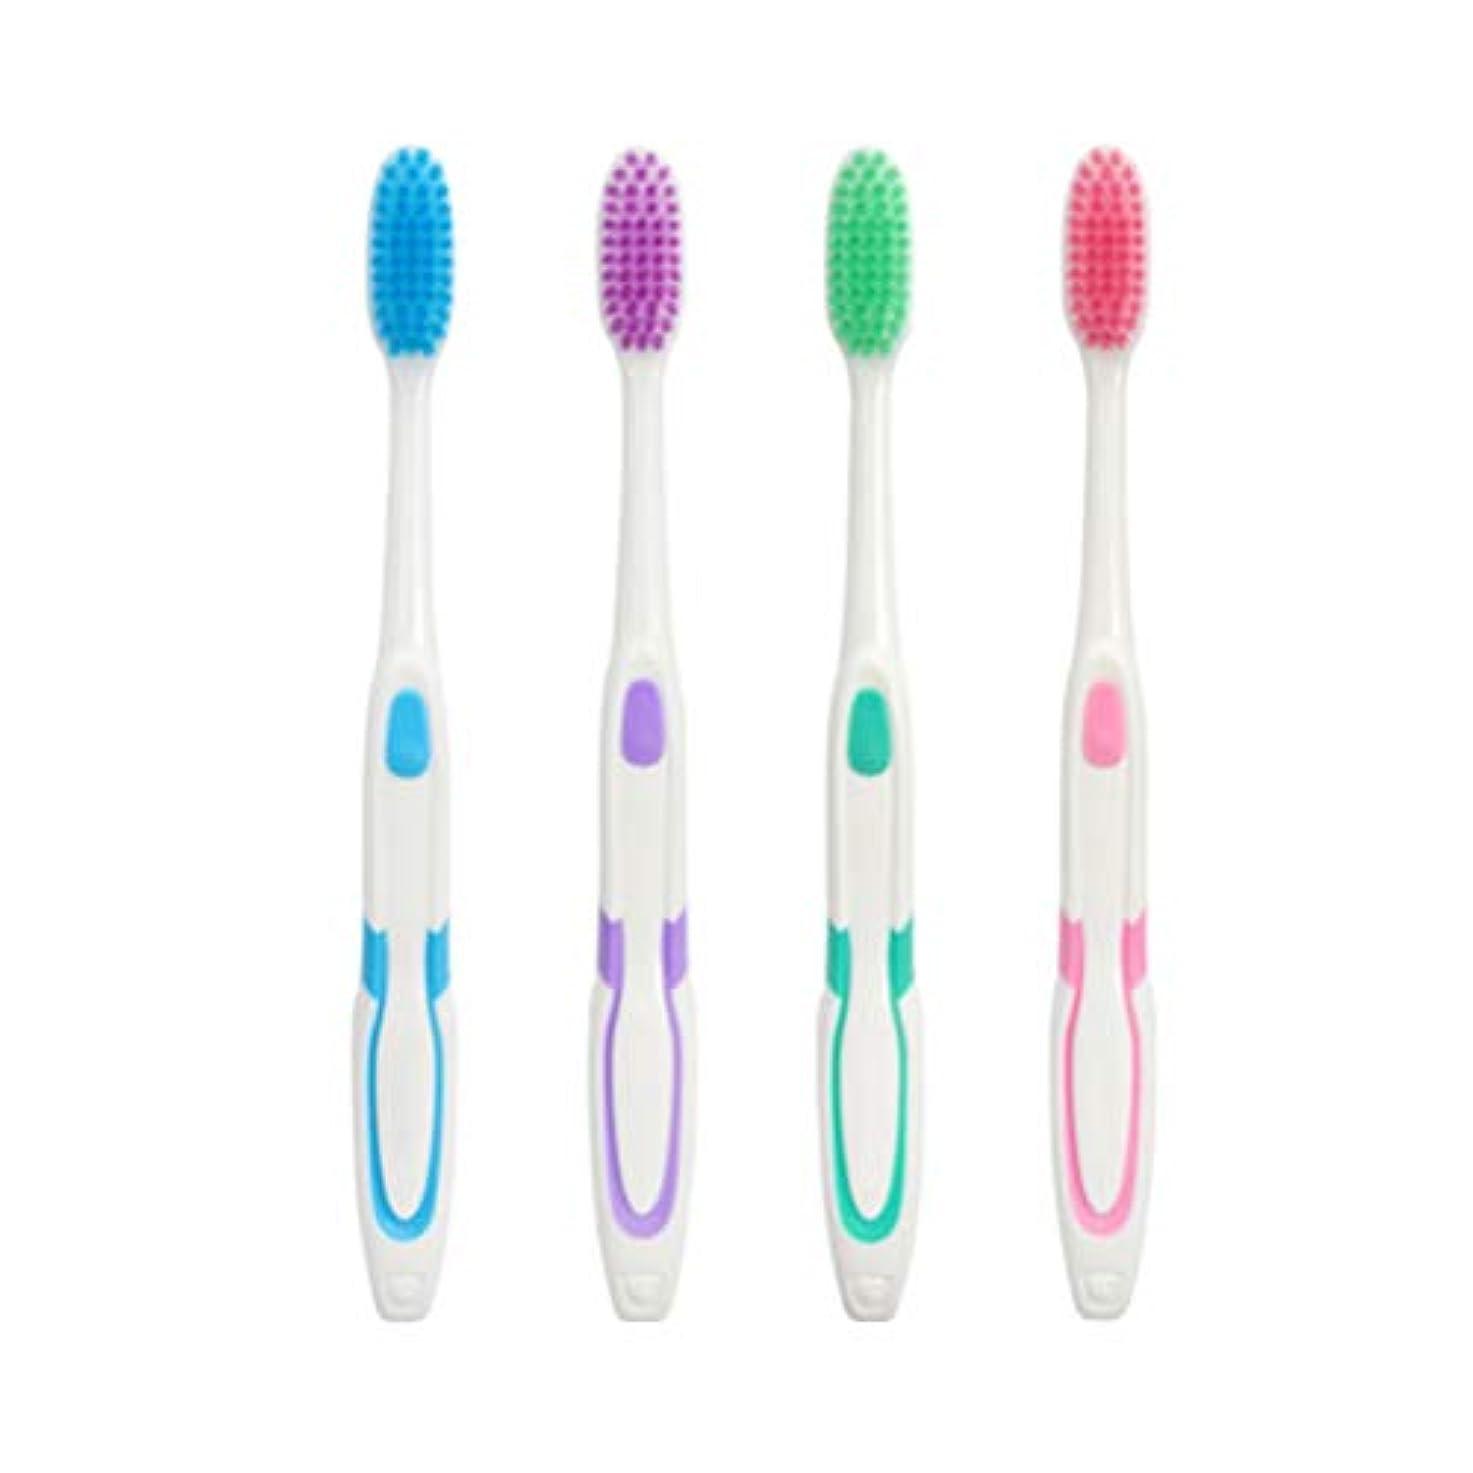 スパーク支払う間TOPBATHY 4ピース柔らかい歯ブラシ歯ブラシ用深く口腔クリーニングホームトラベル屋外大人子供